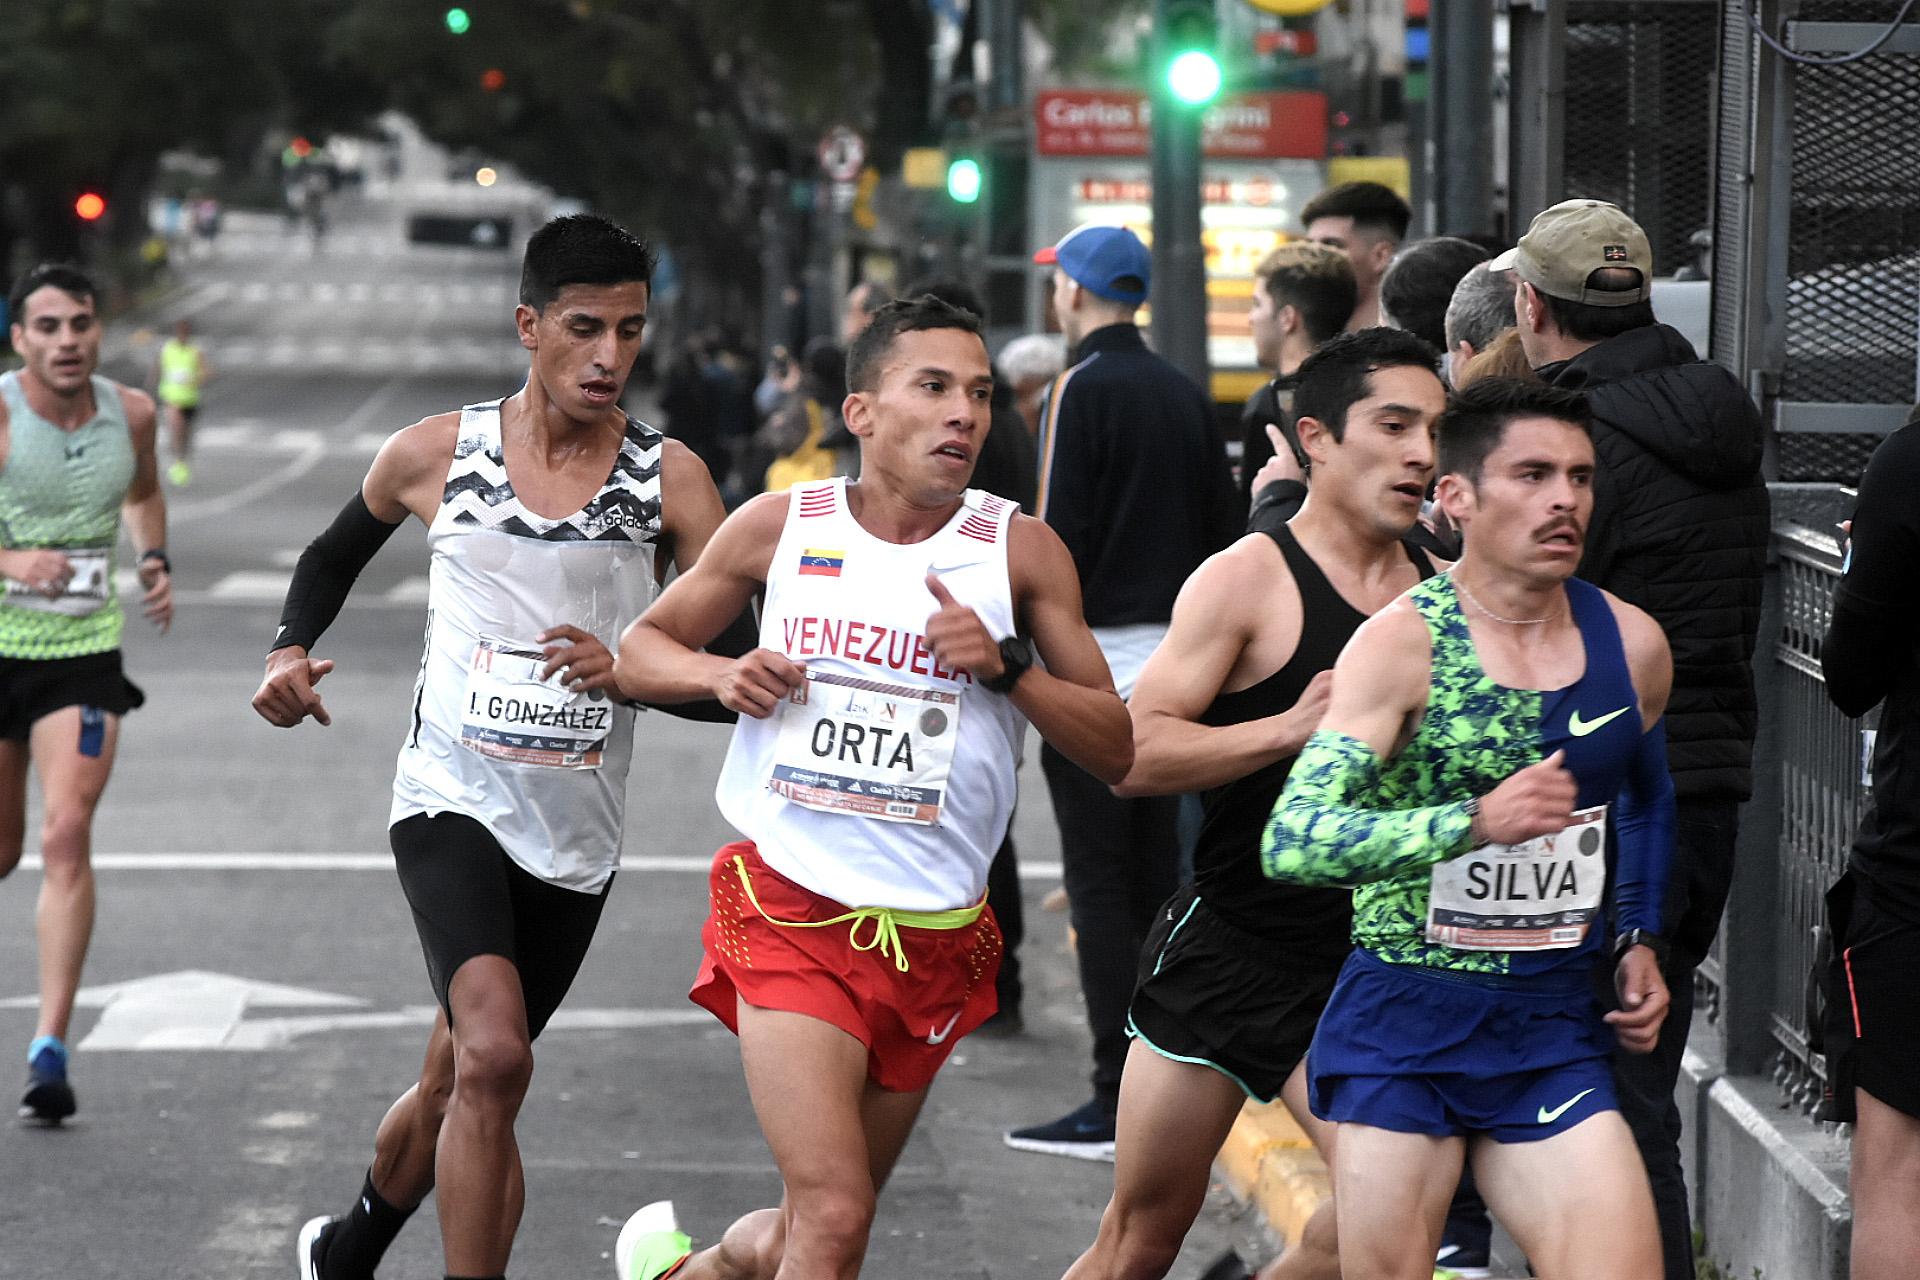 Hubo corredores de todos los rincones de Latinoamérica